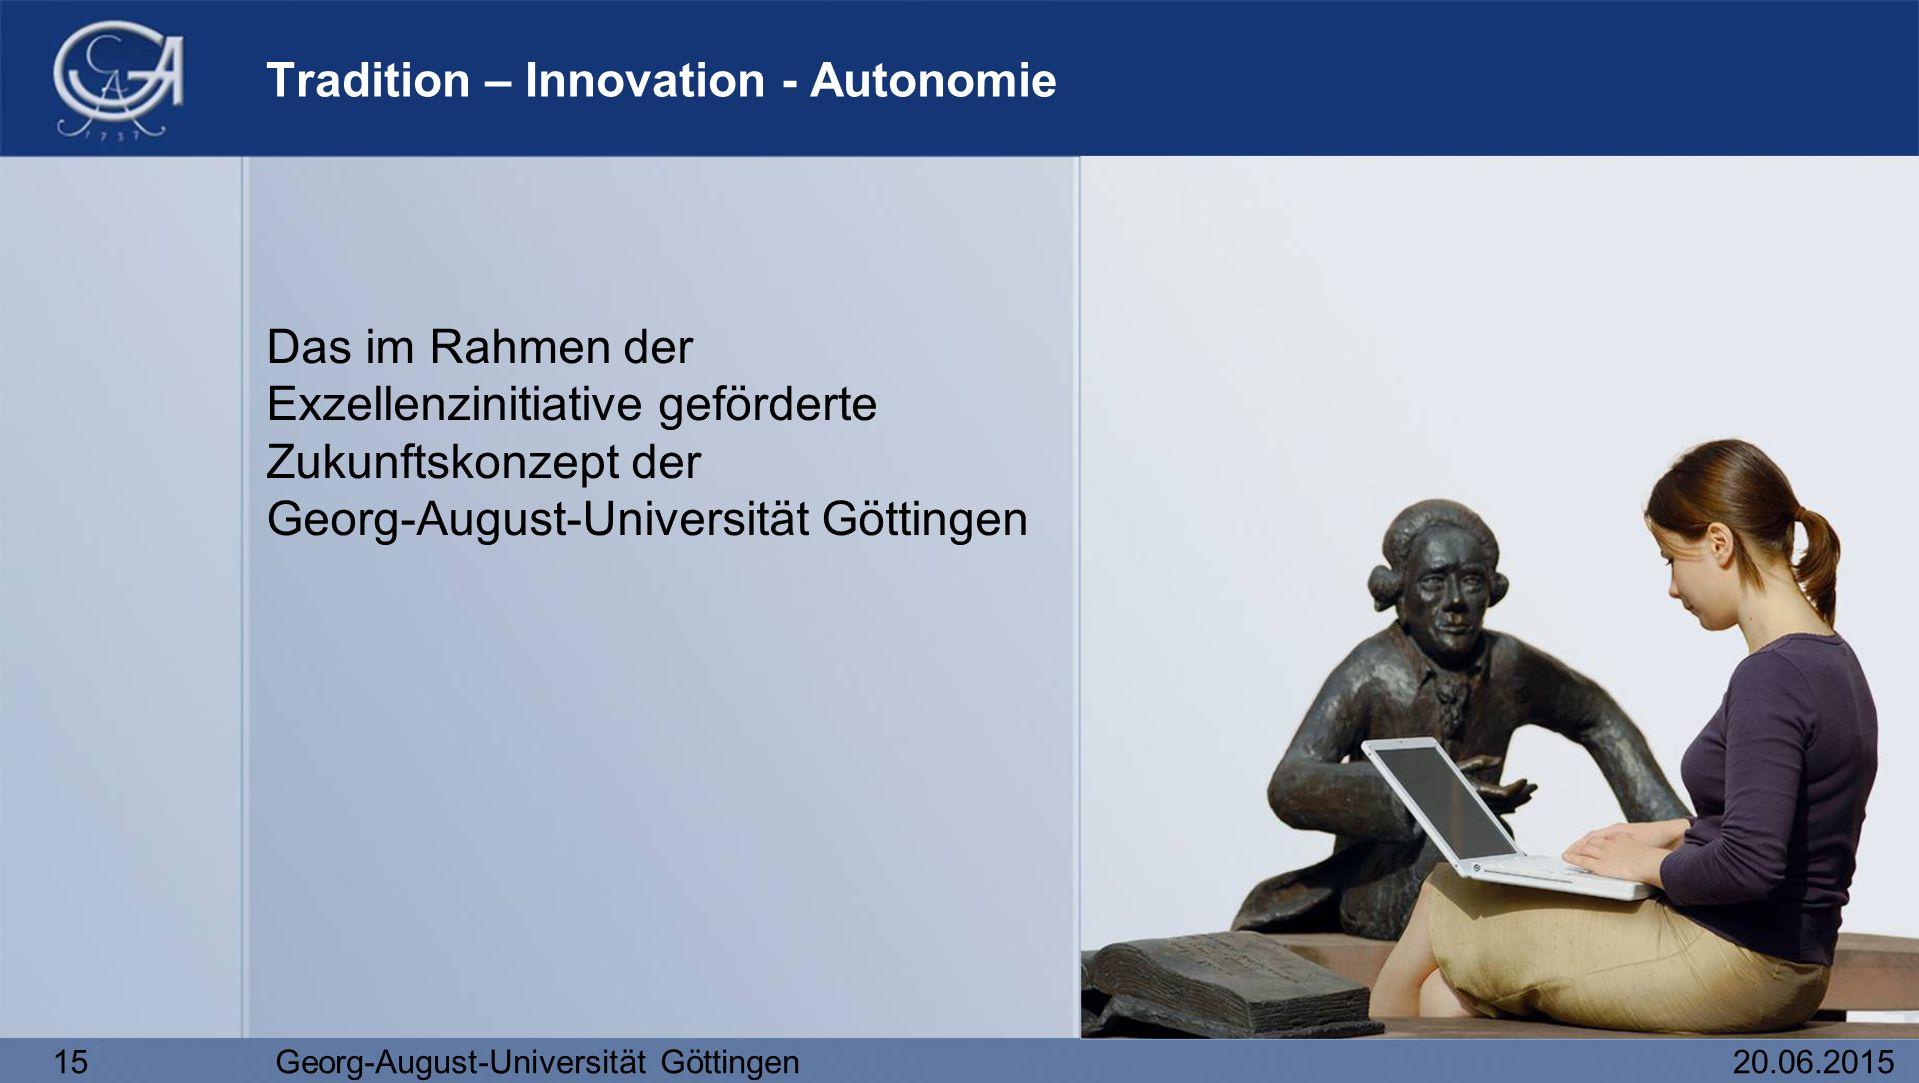 15Georg-August-Universität Göttingen20.06.2015 Das im Rahmen der Exzellenzinitiative geförderte Zukunftskonzept der Georg-August-Universität Göttingen